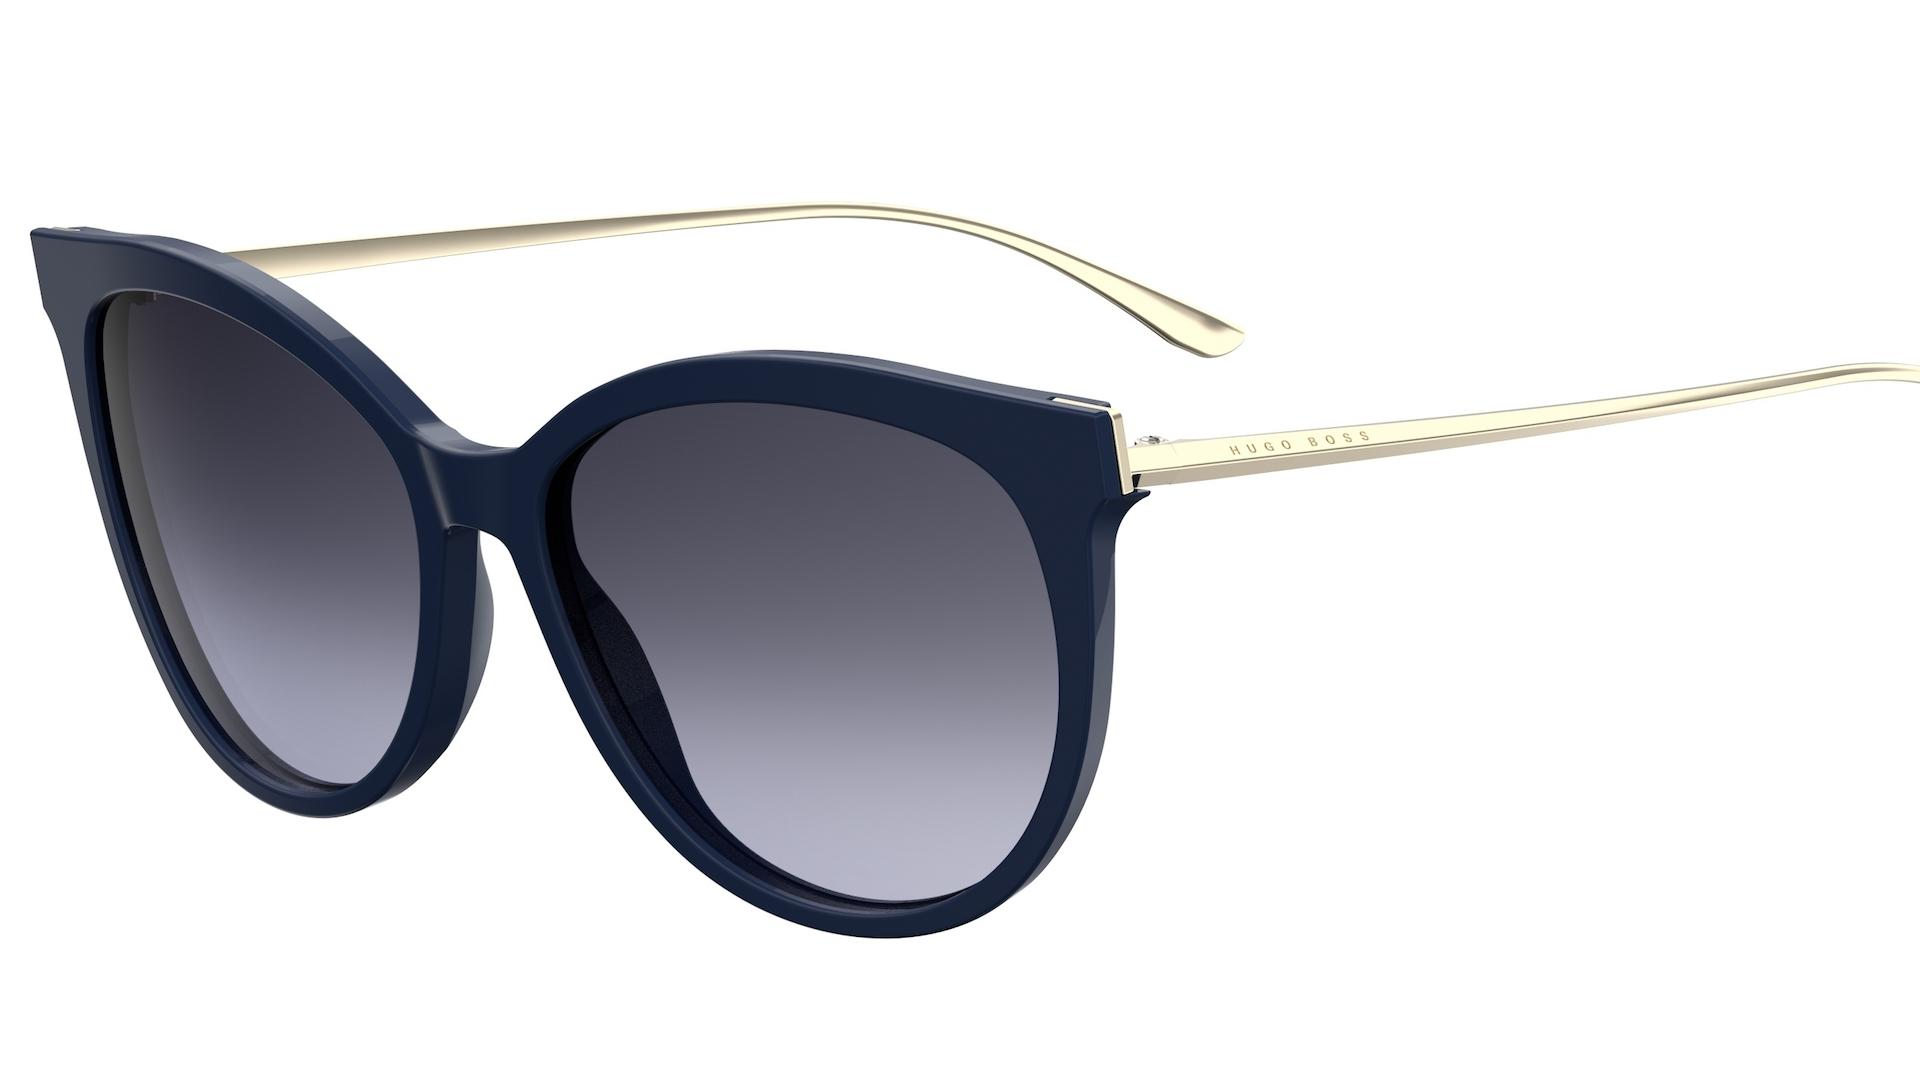 Estos sos los lentes para sol elegidos para esta temporada Otoño / Invierno 2017